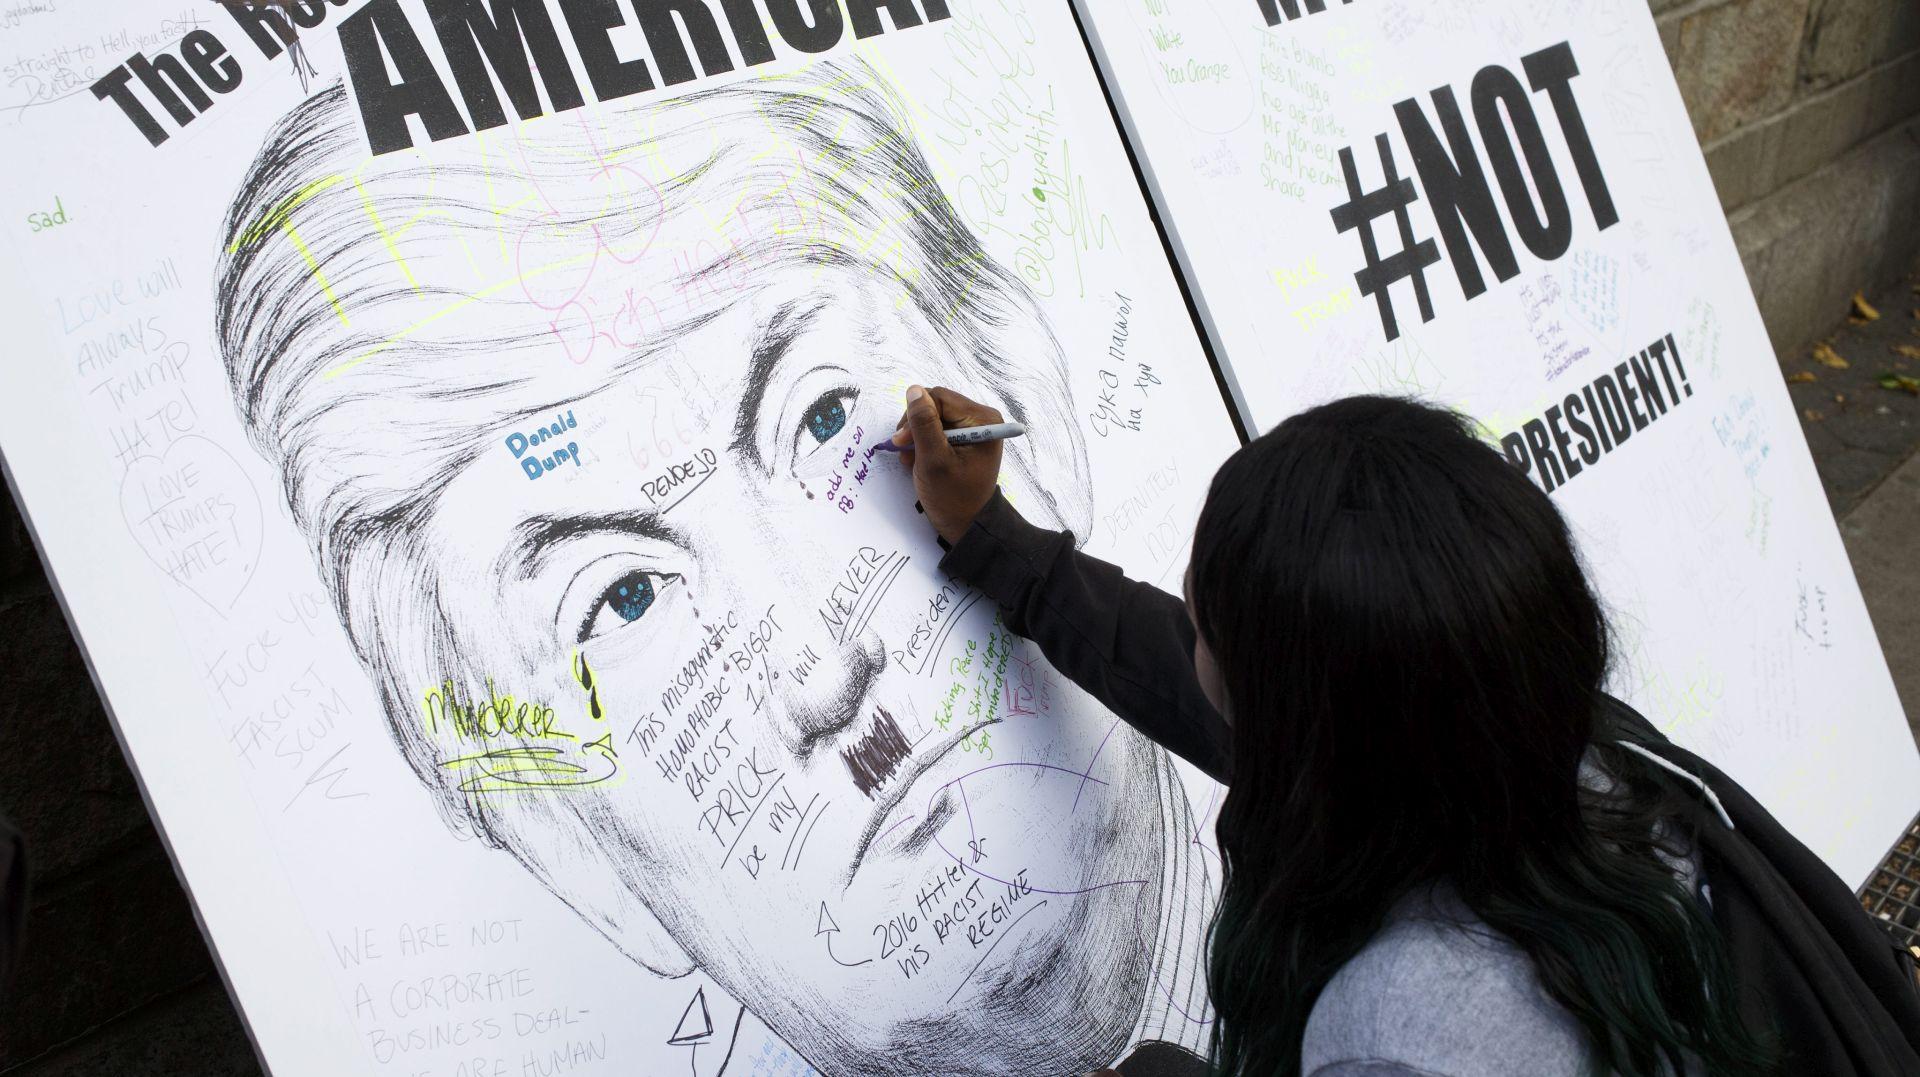 Novi prosvjedi protiv Trumpa koji ublažava retoriku